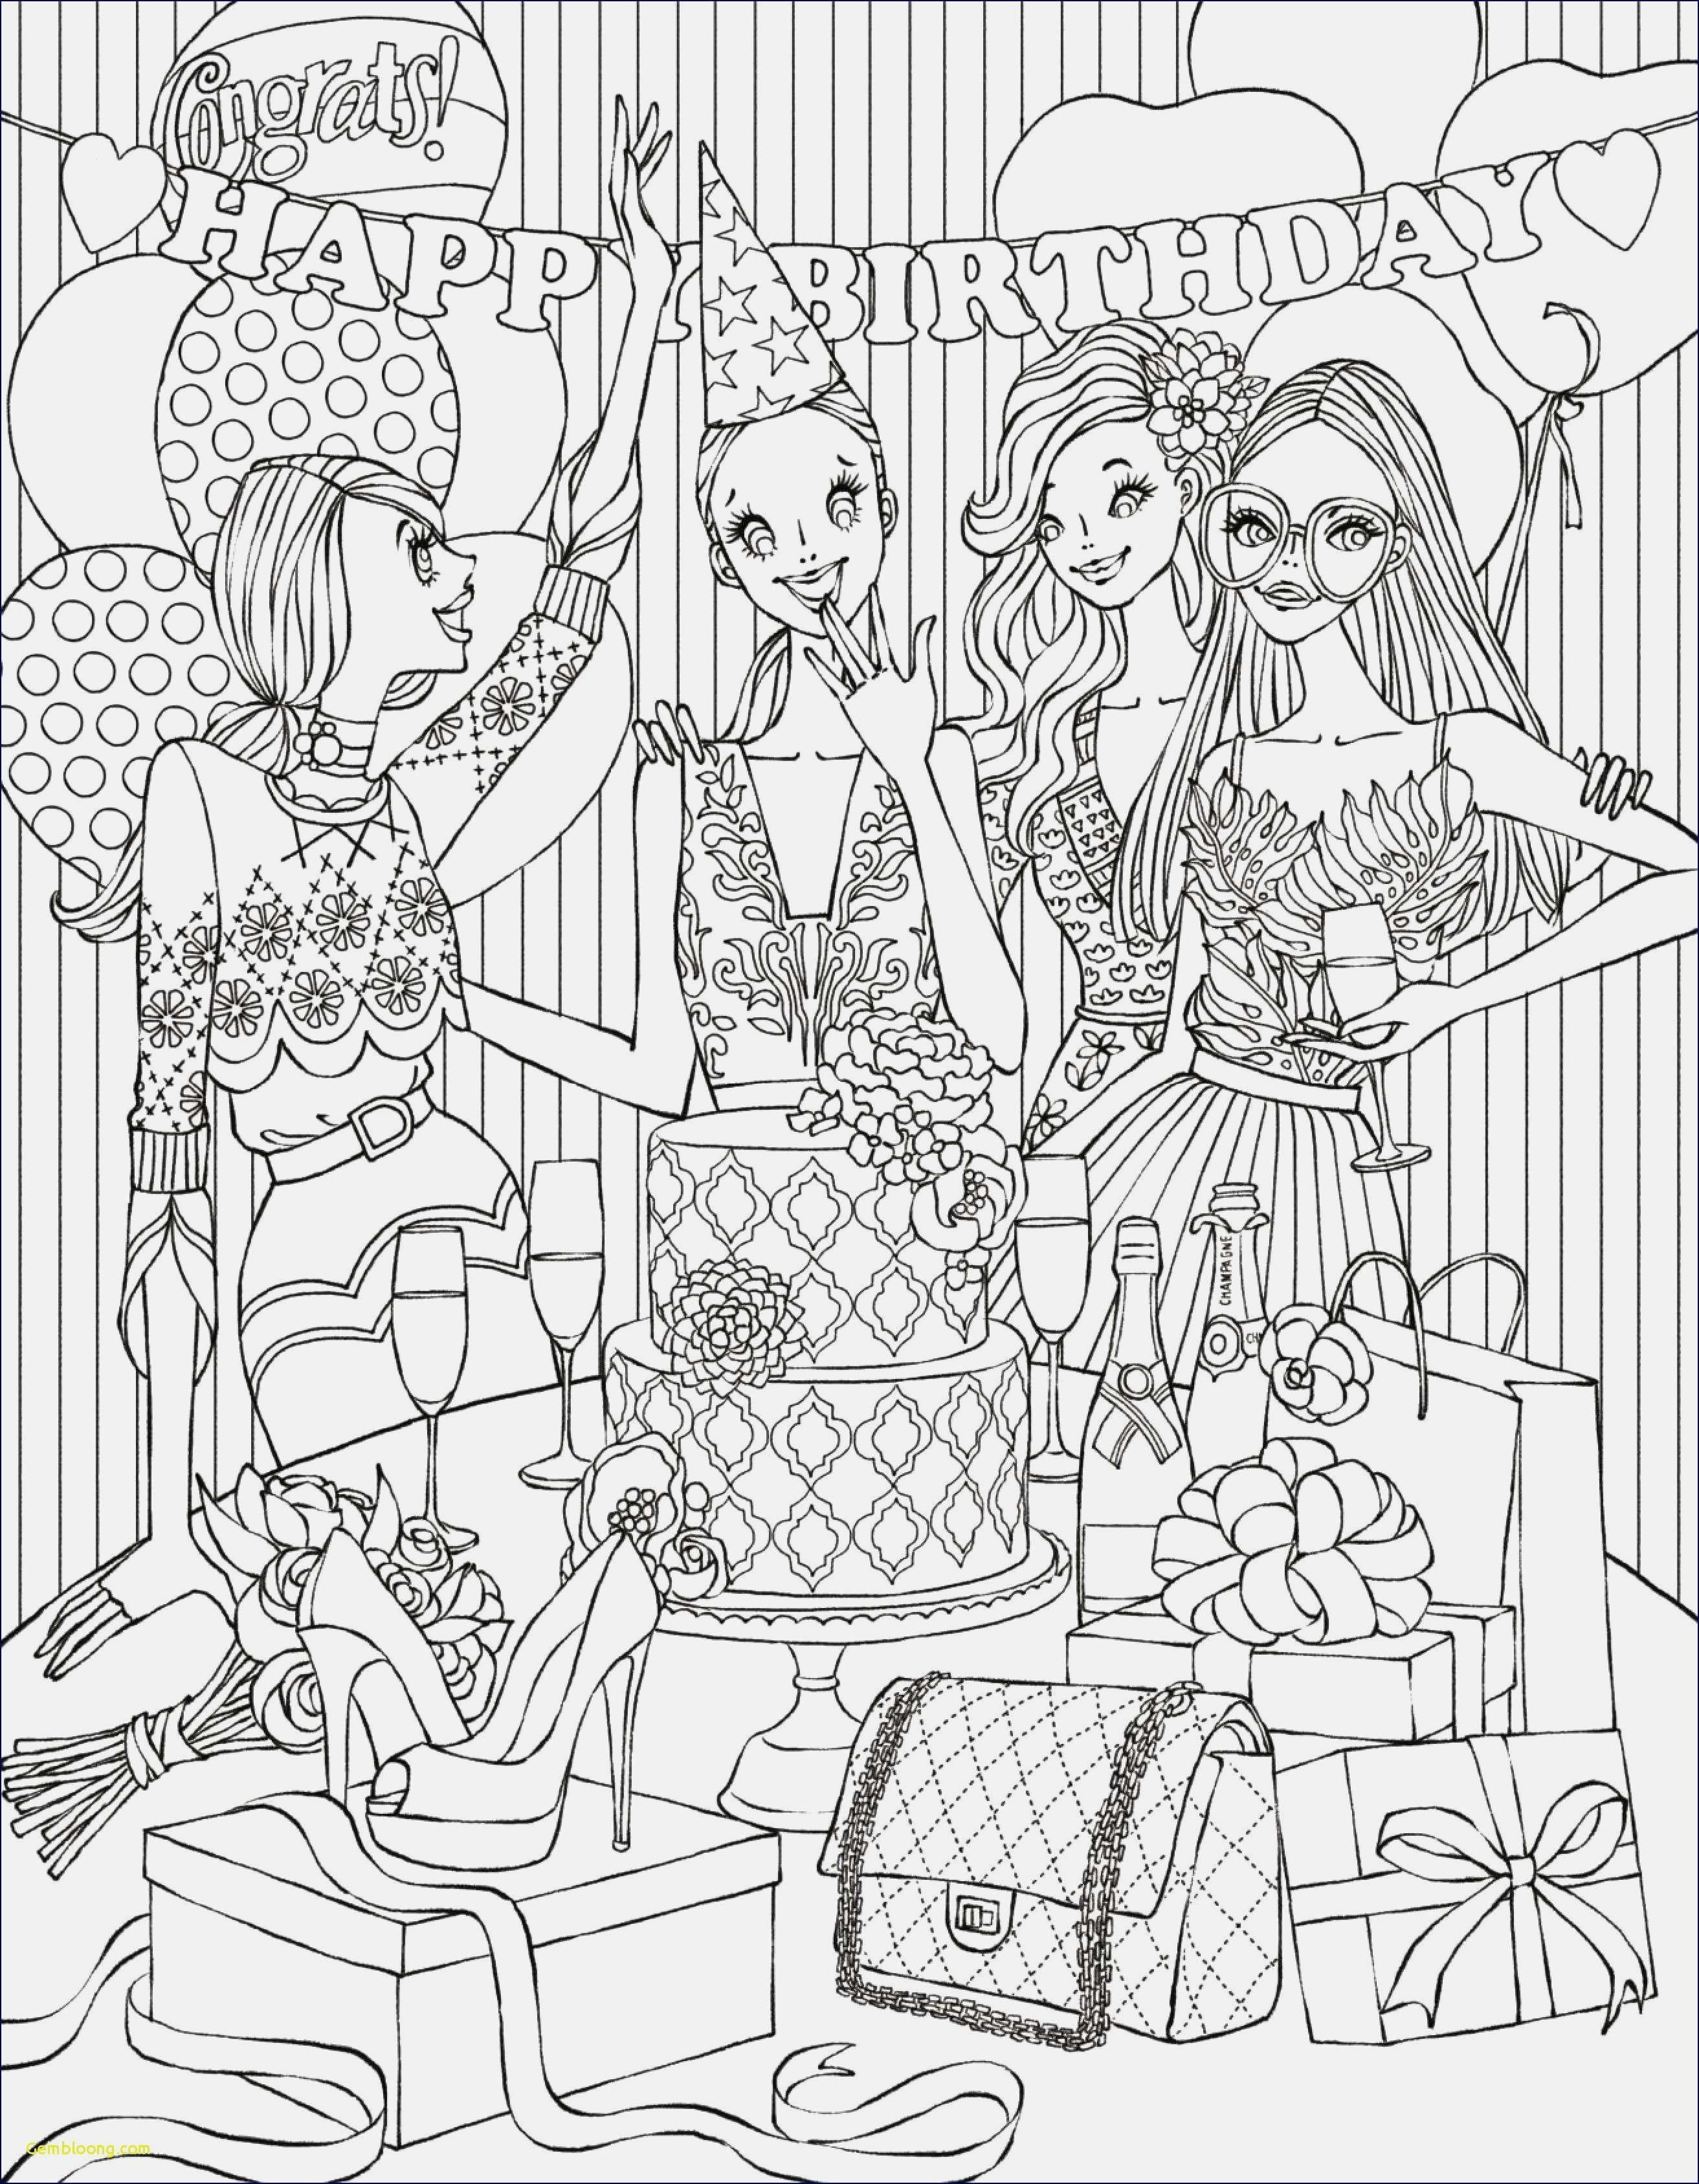 Ausmalbilder Von Disney Frisch Ausmalbilder Disney Prinzessin 87 Ausmalbilder Von My Little Bilder